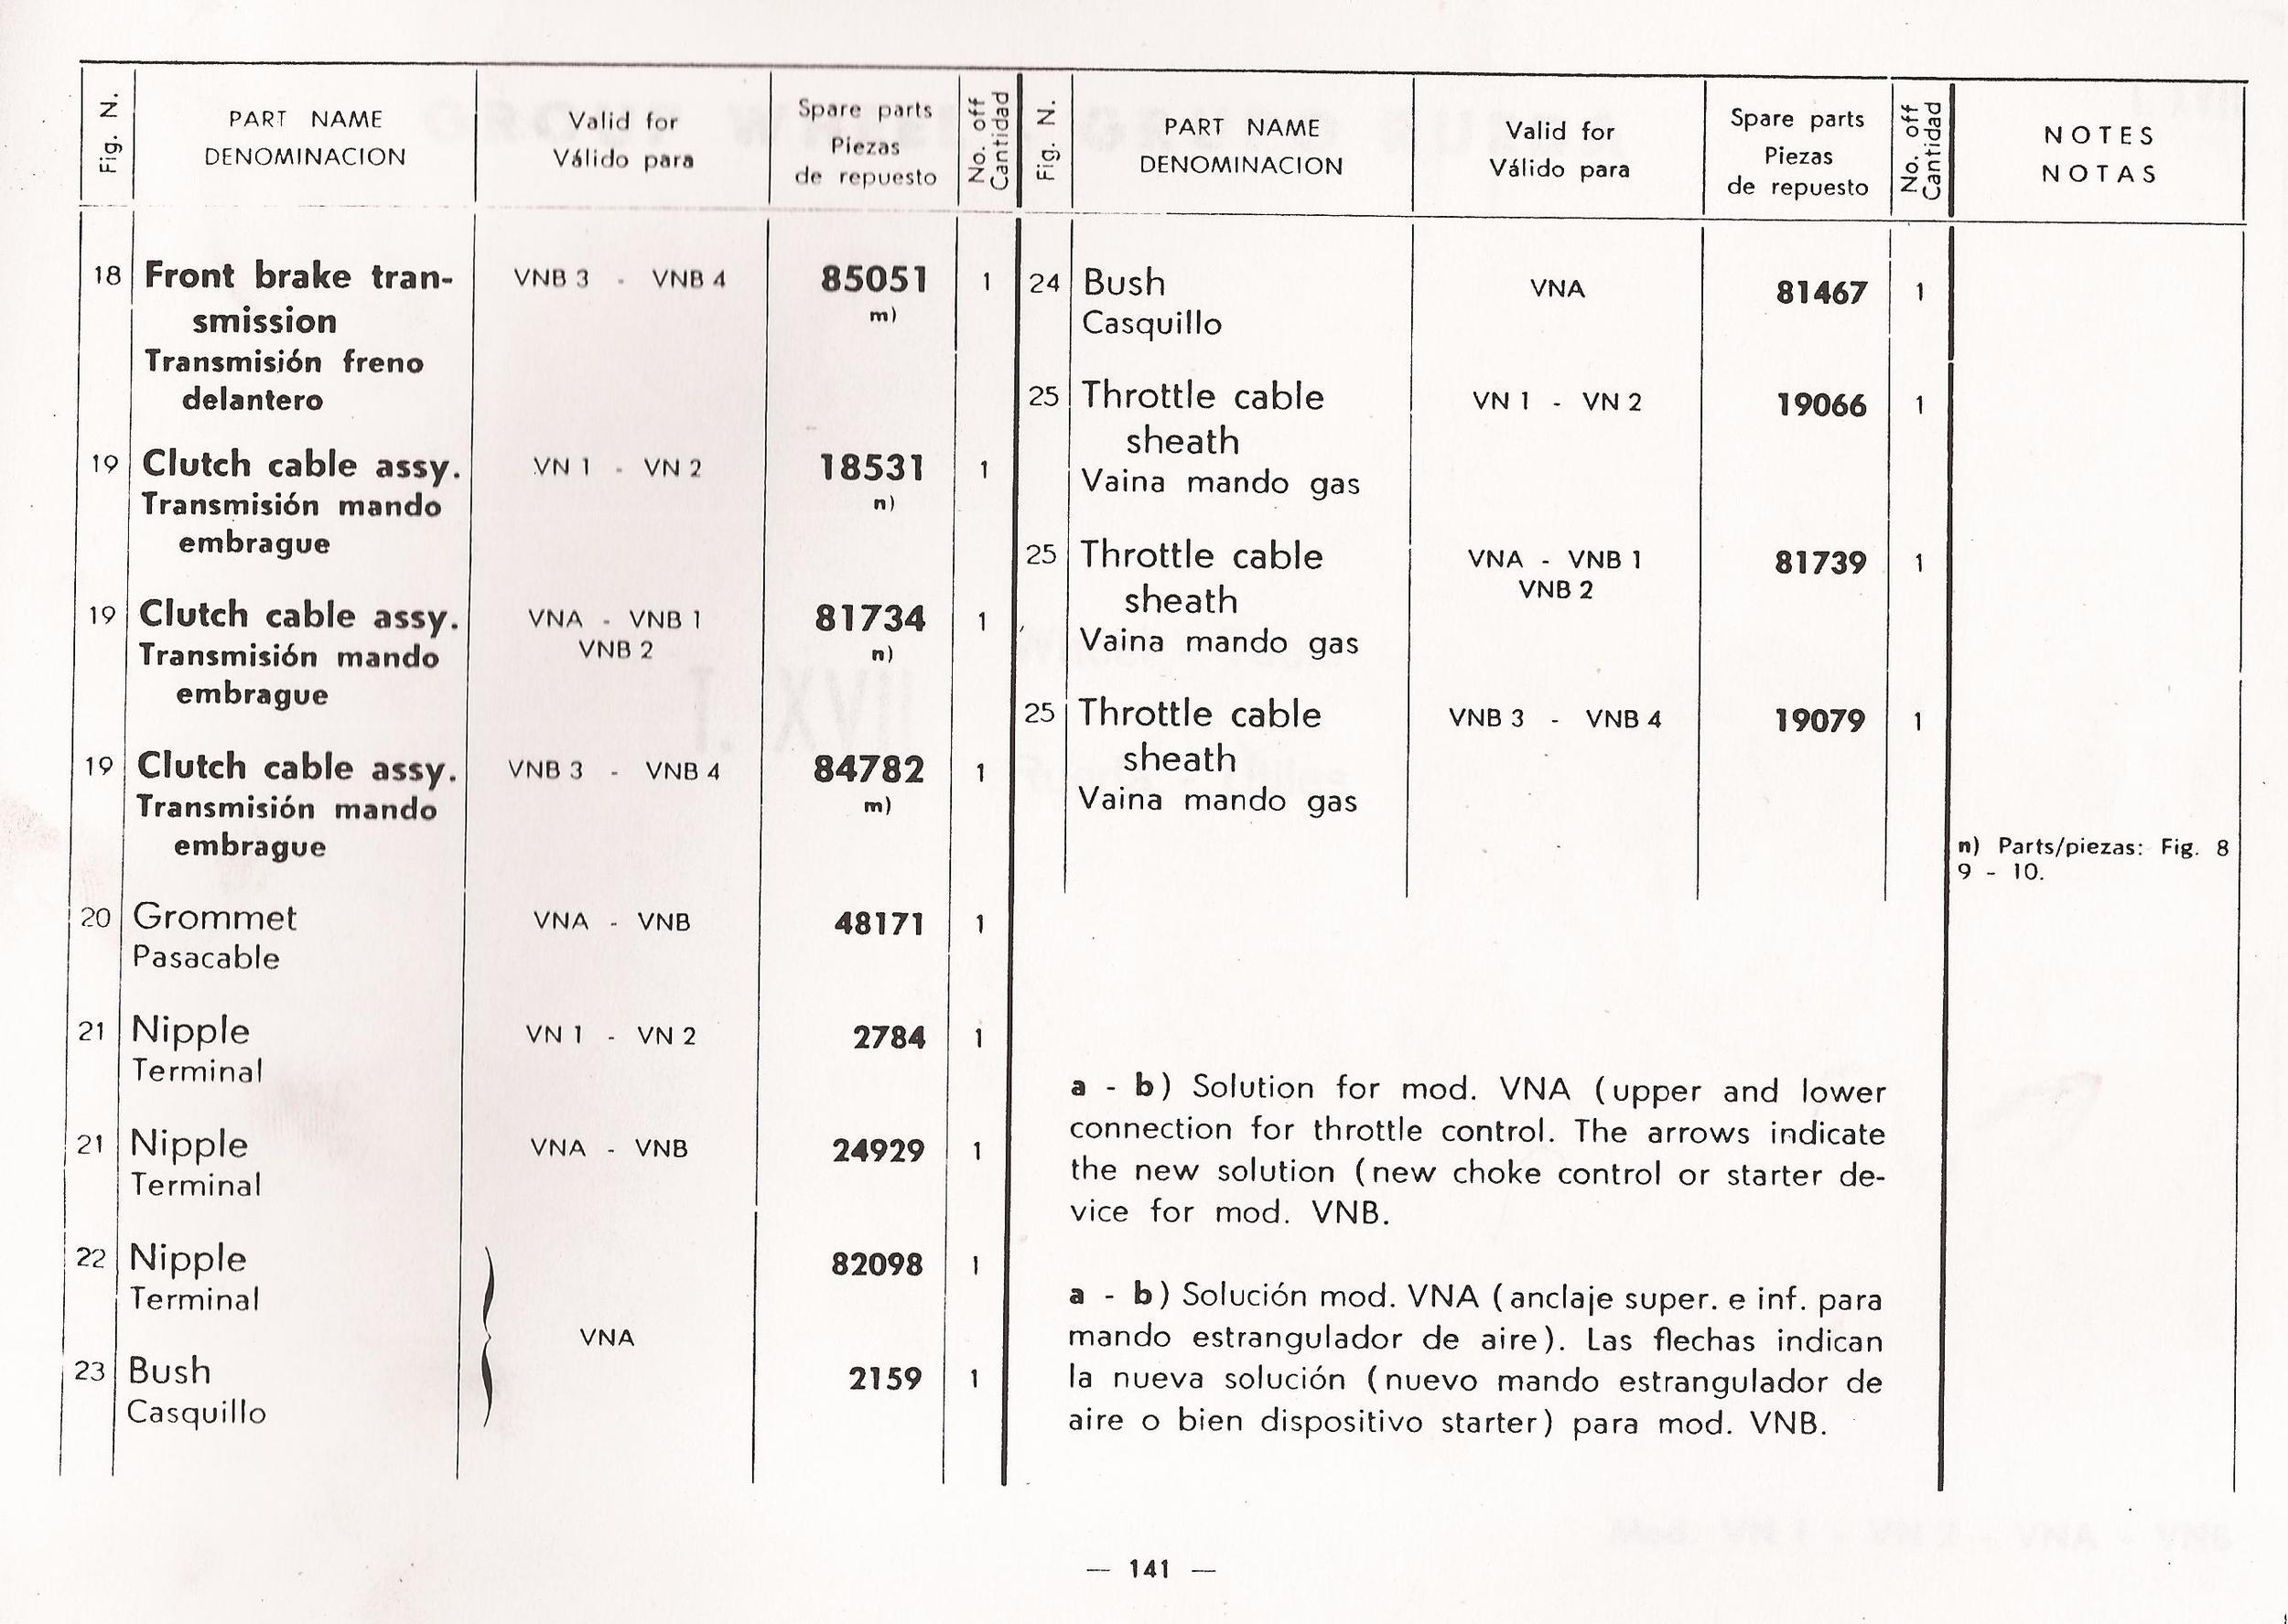 07-16-2013 vespa 125 catalog manuel 152.jpg